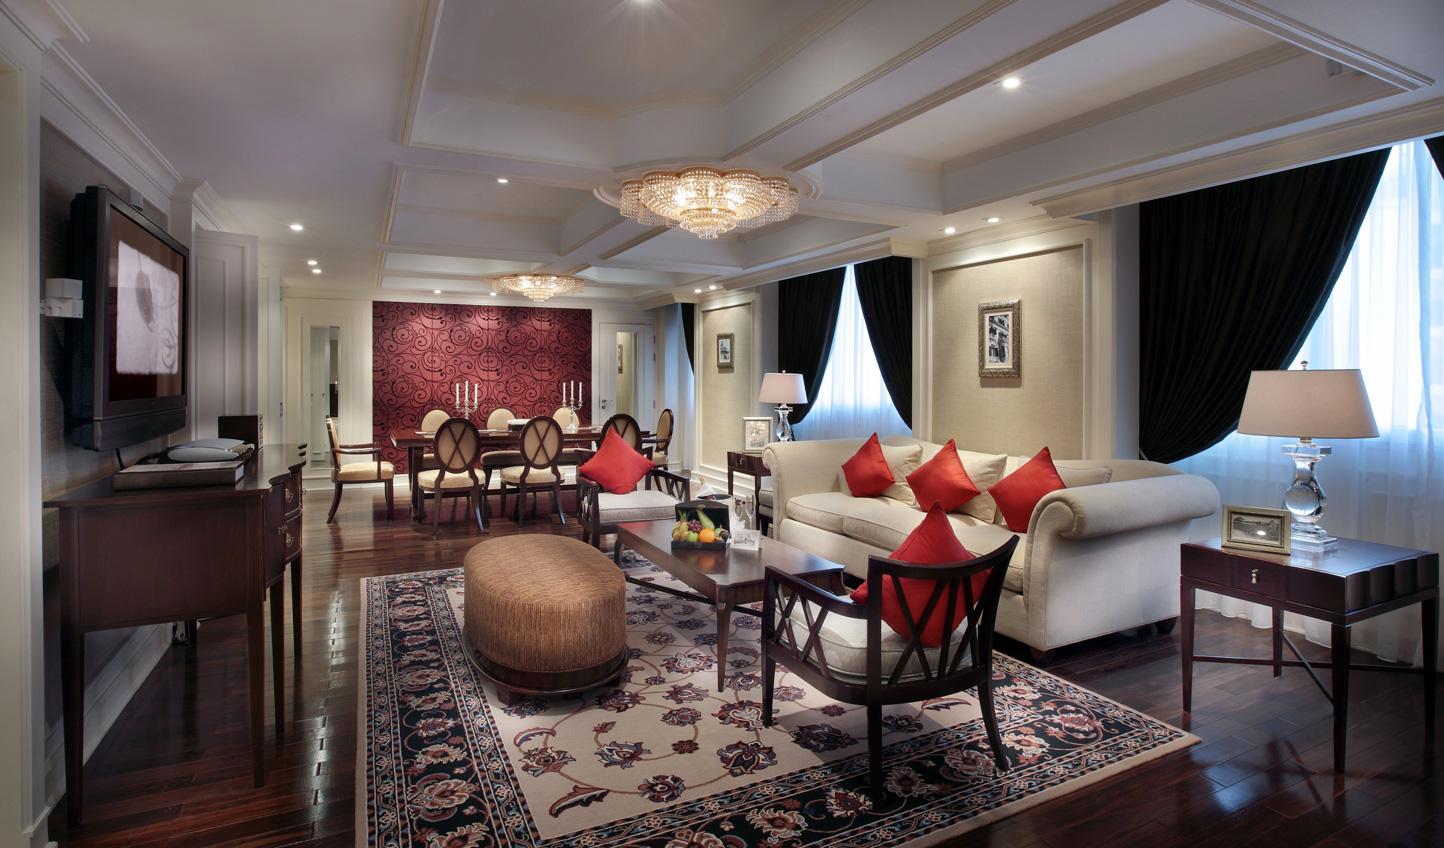 Unwind in the utmost comfort in your suite